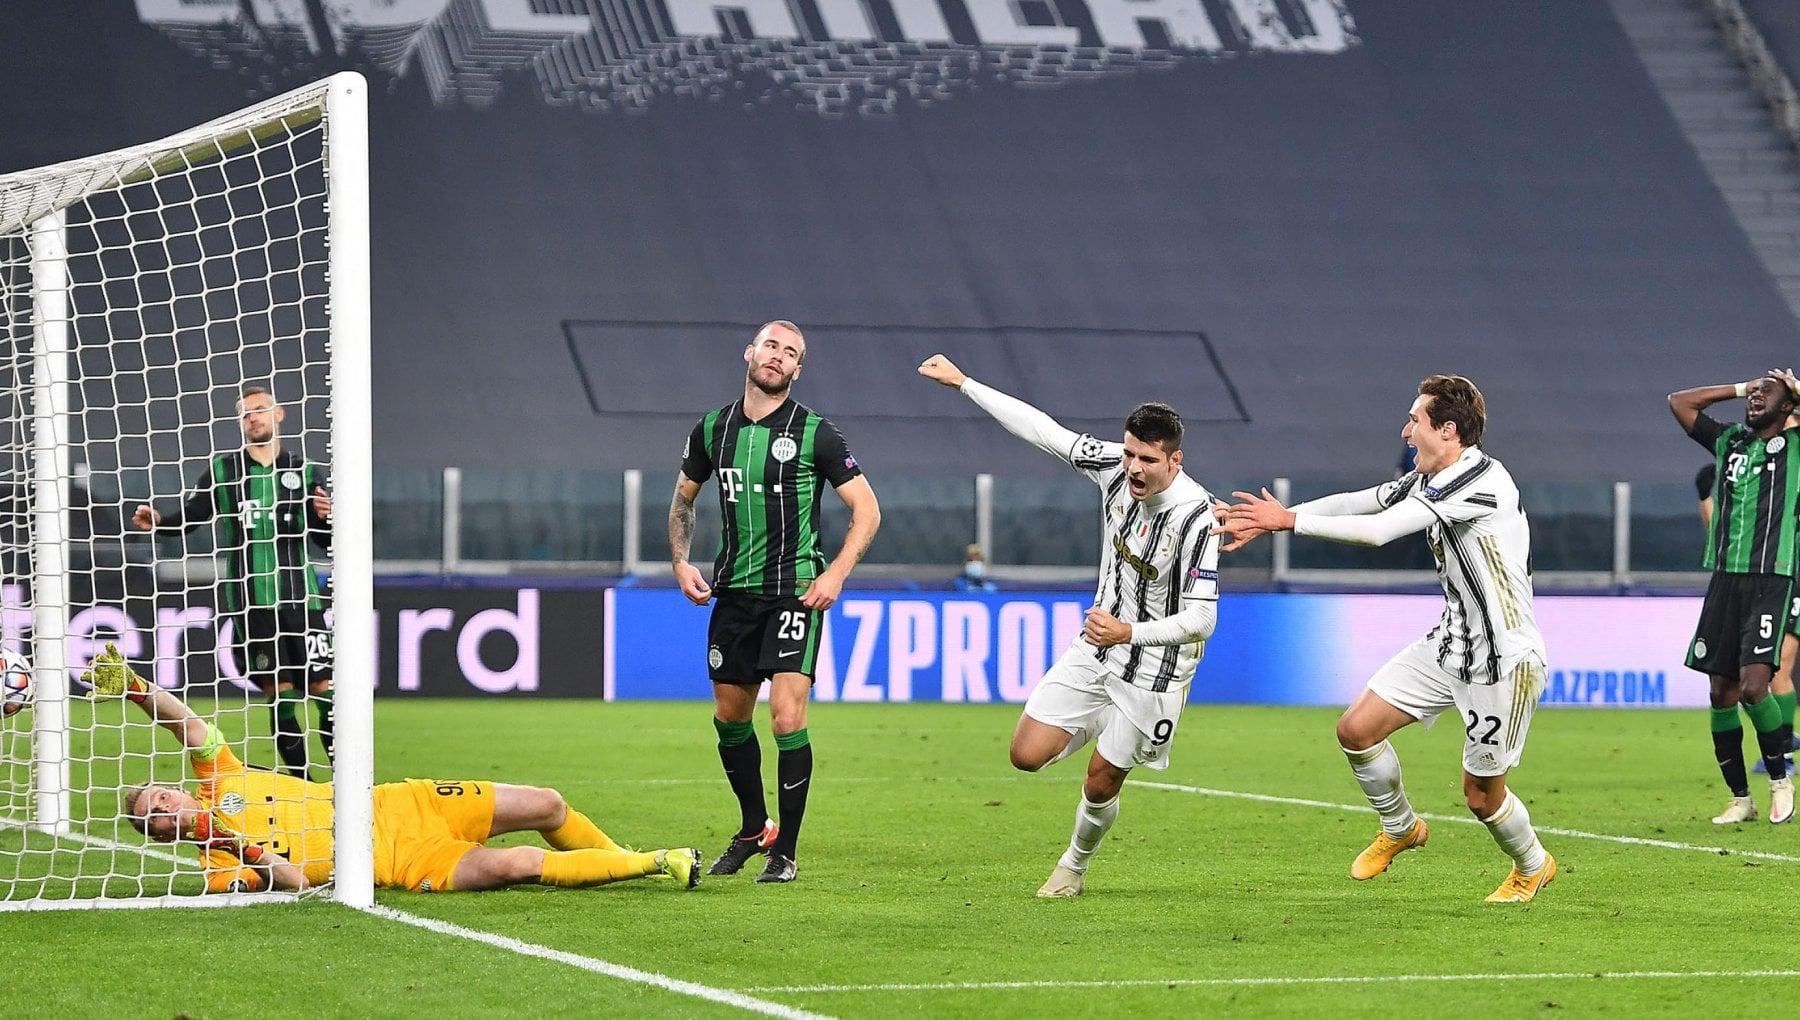 Juventus-Ferencvaros 2-1: Morata al 92' manda i bianconeri agli ottavi |  Calcio-Addict